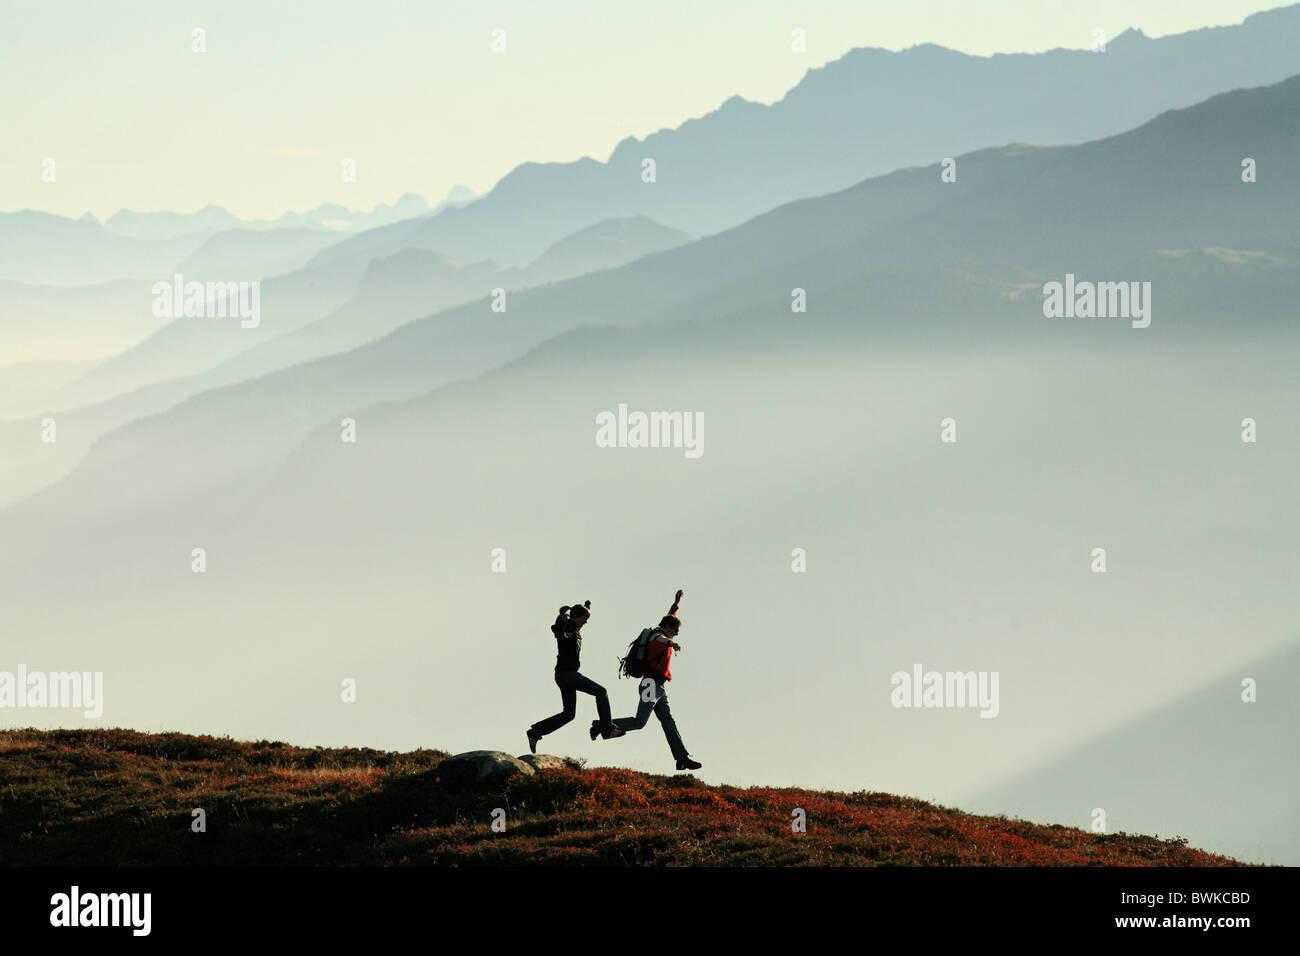 Deux Couple joie saut saut blague fun sports randonnées à pied en plein air randonnée en montagne Photo Stock